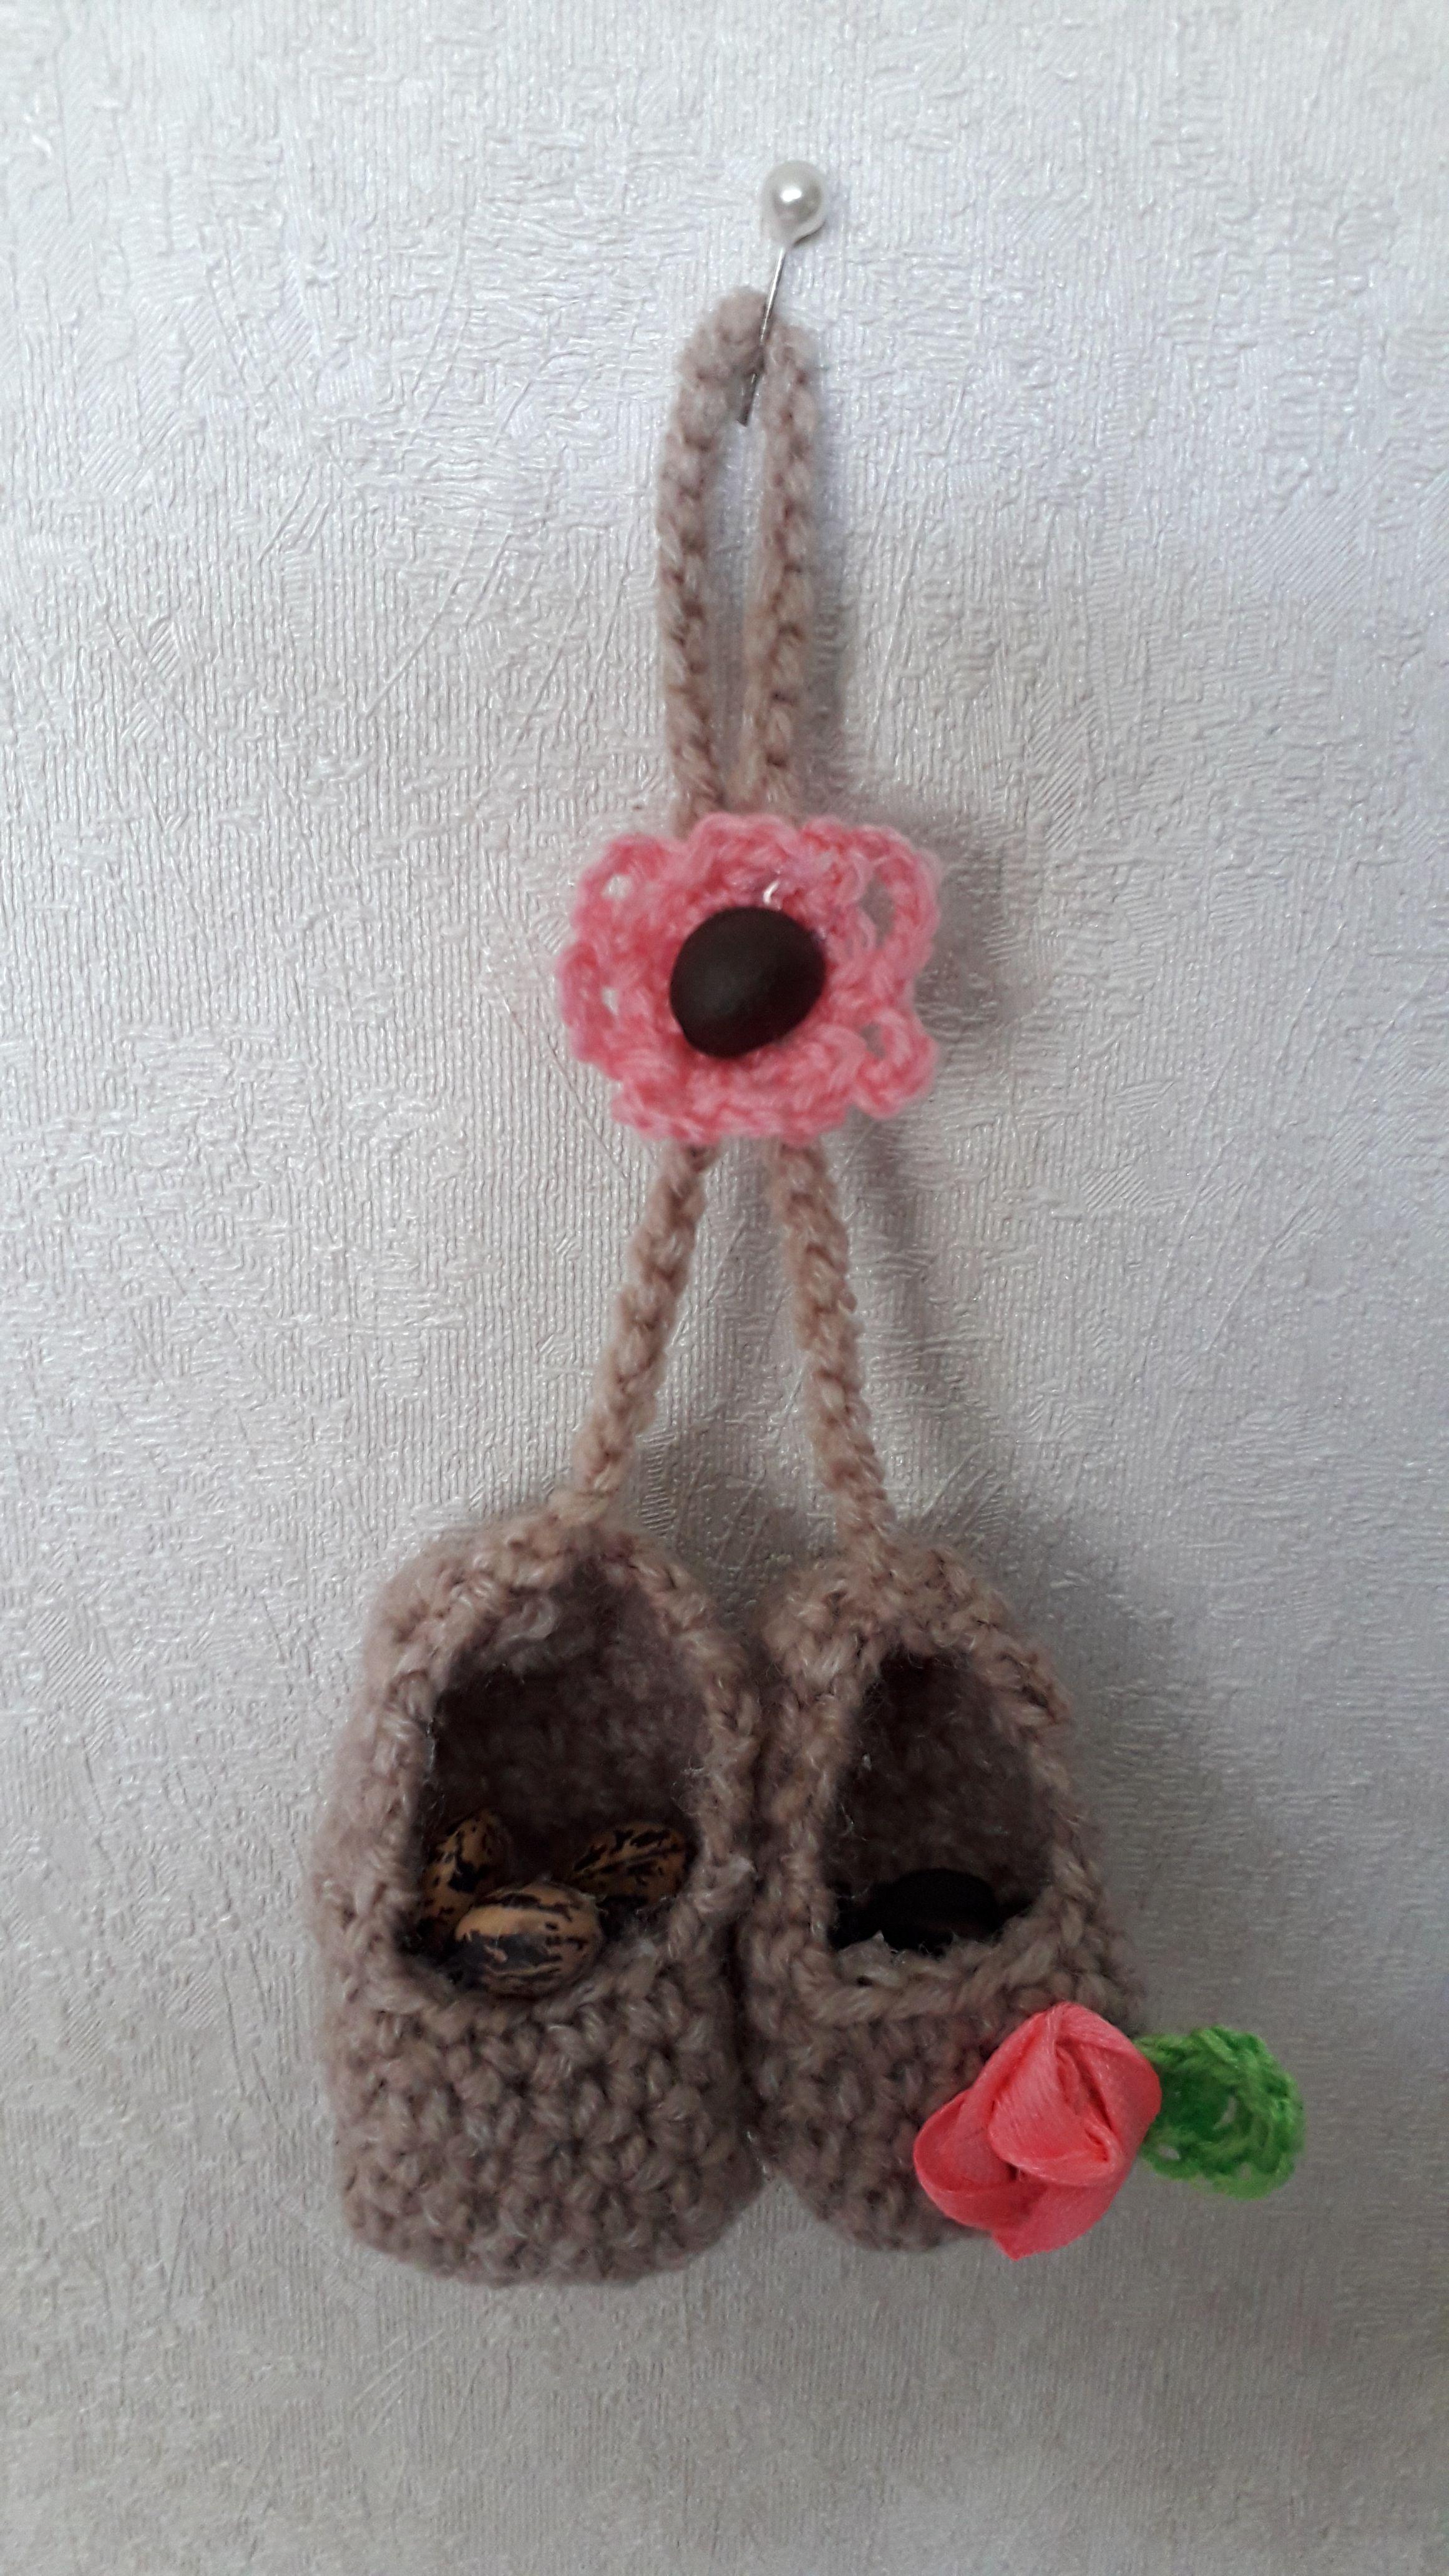 ручнаяработа подарок дома вязание для сувениры обереги пряжа лапти вязаниекрючком